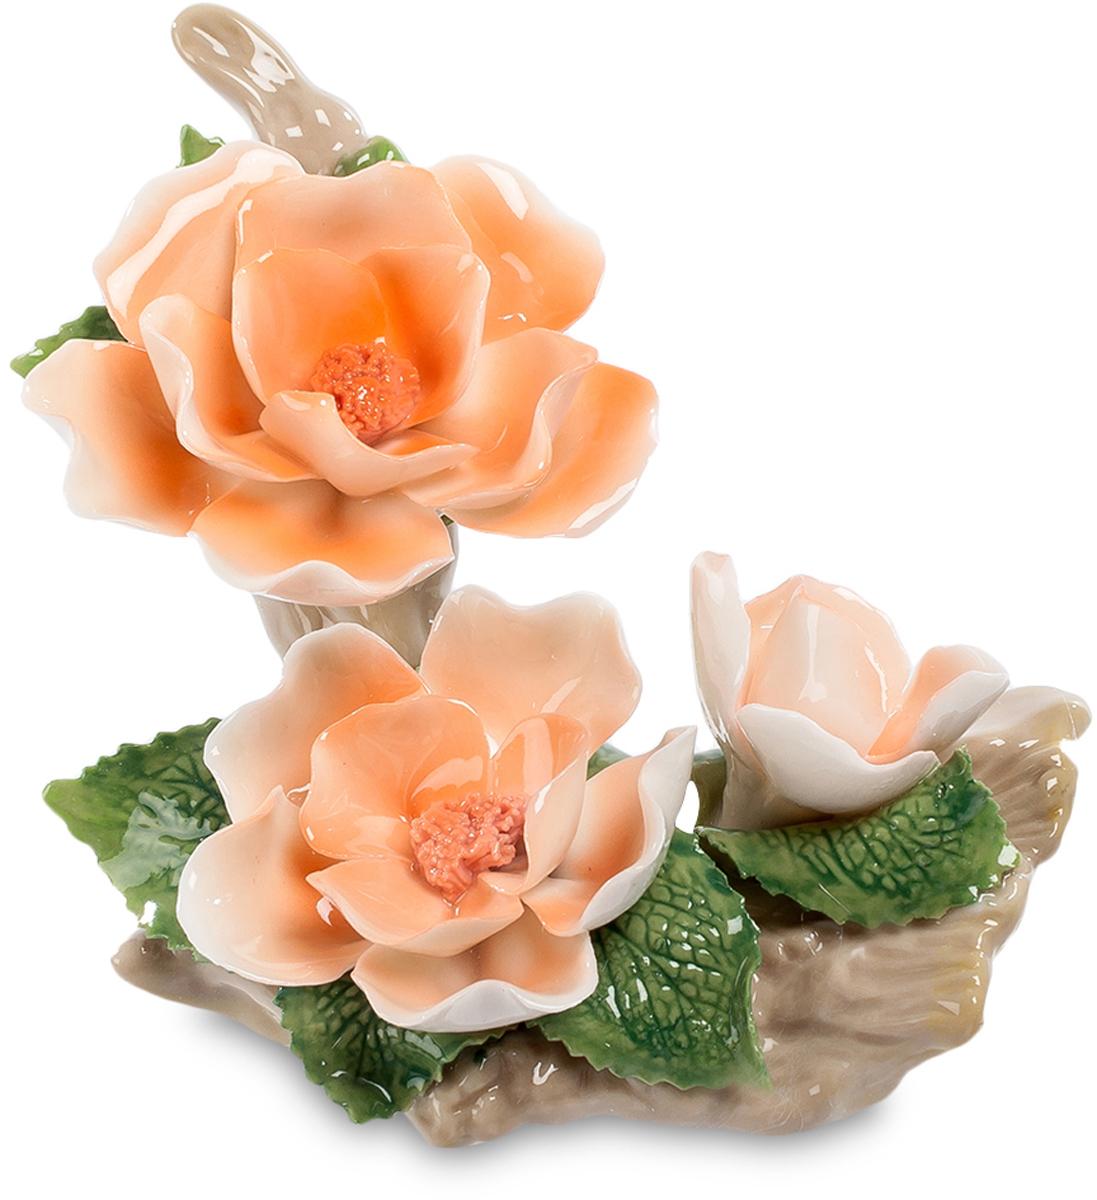 Композиция Pavone Чайная Роза. CMS-33/54THN132NКомпозиция Чайная Роза (Pavone) На корявом куске сухого дерева разместилась созданная в стиле японской икебаны очаровательная лаконичная композиция из трех чайных роз. Две побольше, и одна – еще почти бутон. Цветы настолько красивы и изящны, что так и хочется их понюхать. Но они не пахнут, ведь они не живые, а фарфоровые. Не обязательно дарить полные корзины цветов, да еще таких, которые завянут через пару дней. А вот такая цветочная композиция станет маленьким, но ярким элементом в вашей комнате, напомнит о поре цветения и о том, кто принес этот замечательный подарок. Это – украшение на долгие времена, память на всю долгую жизнь.